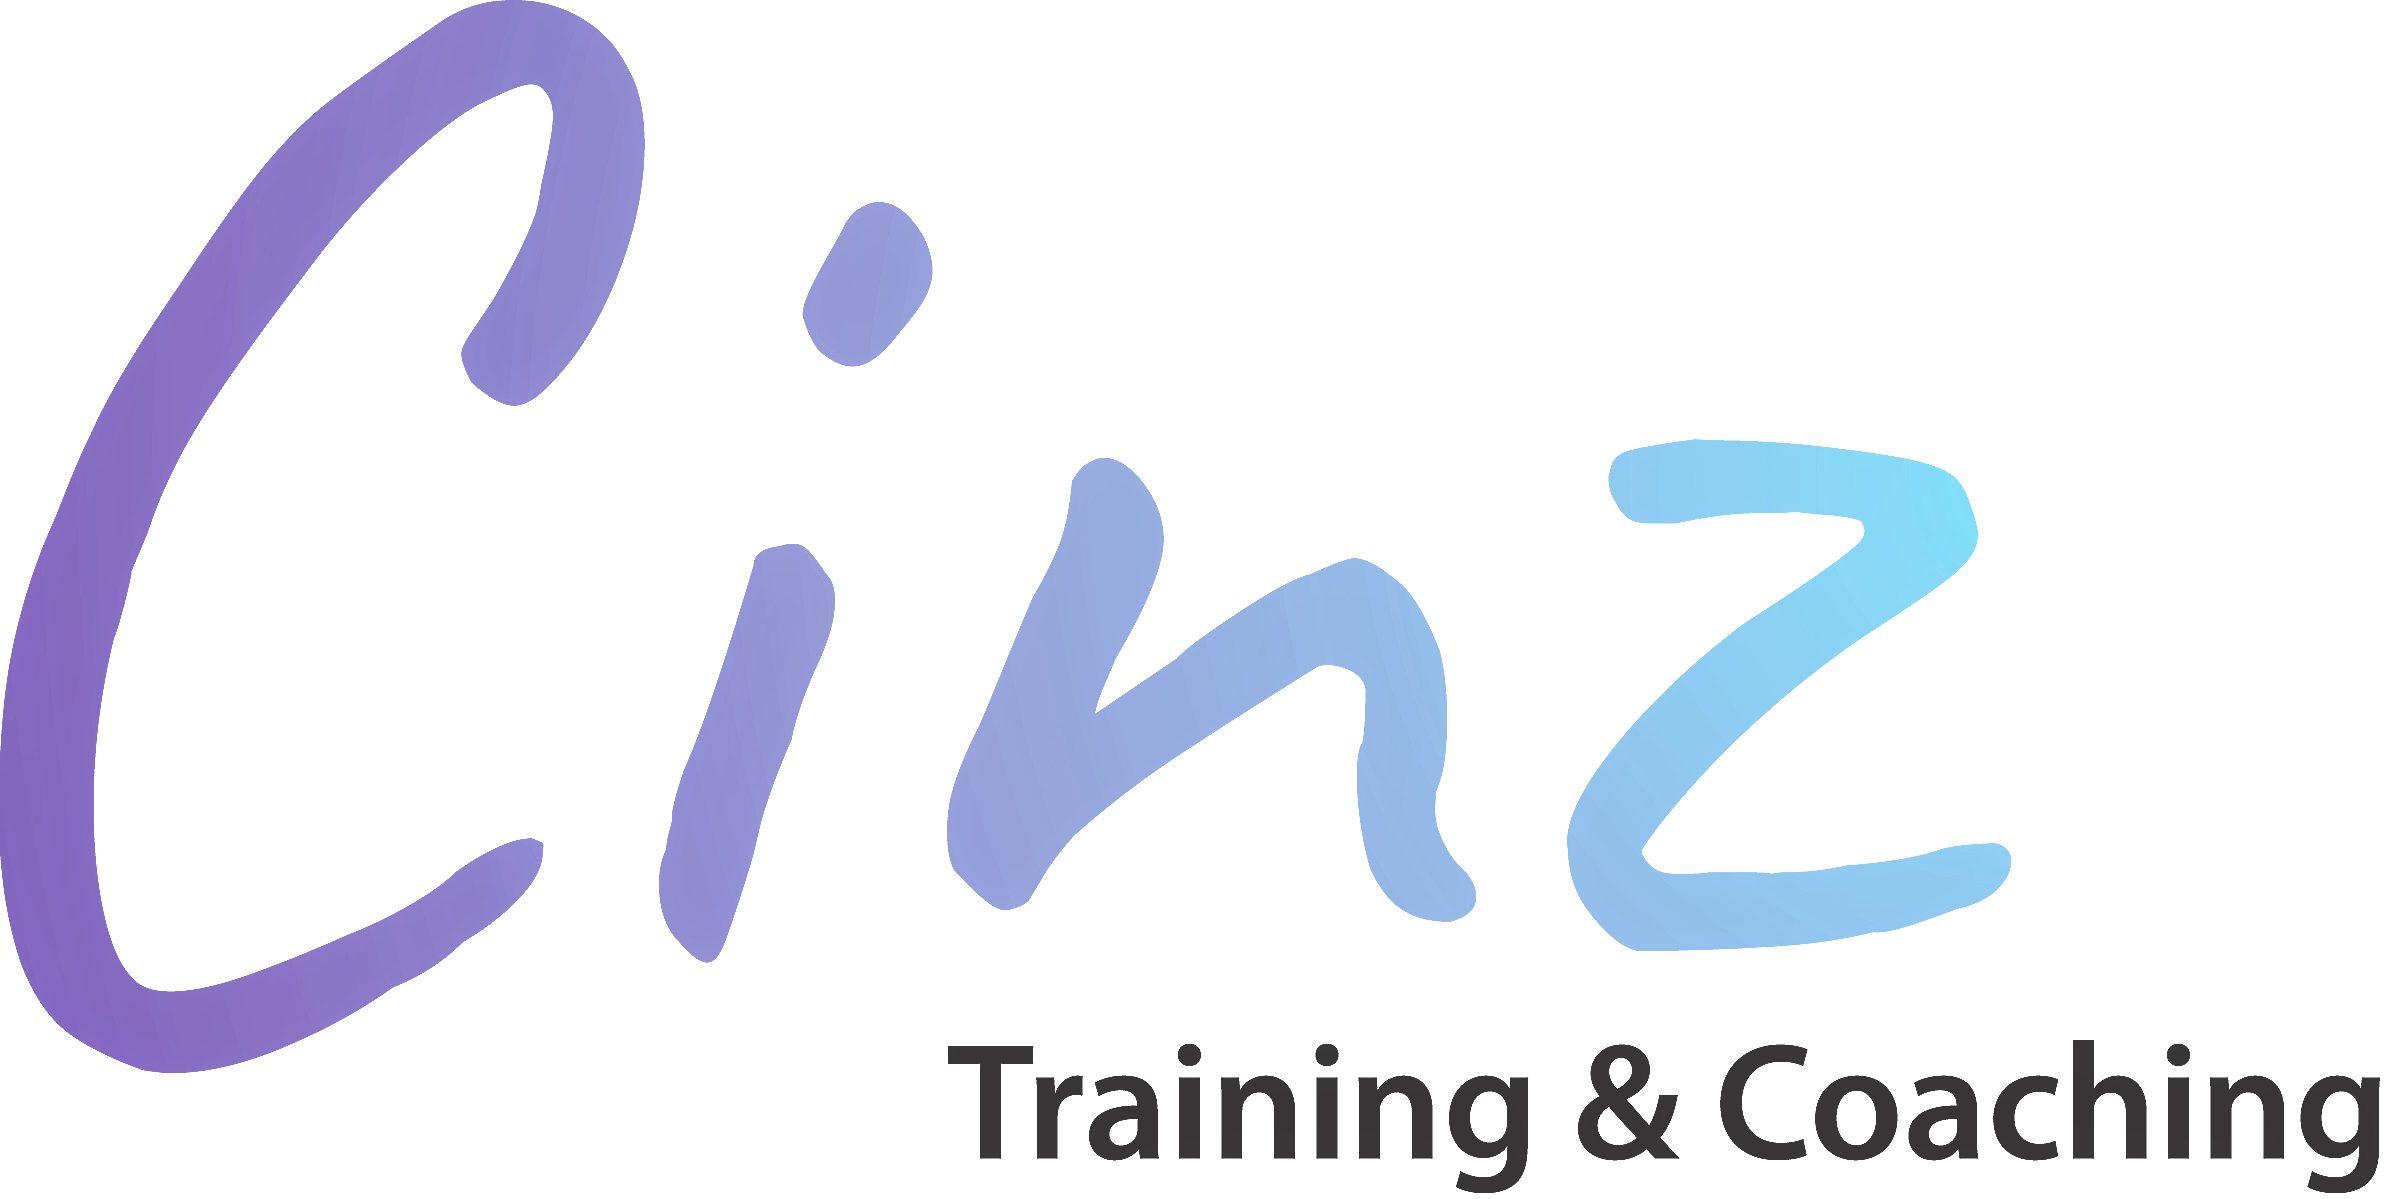 Cinz Training & Coaching